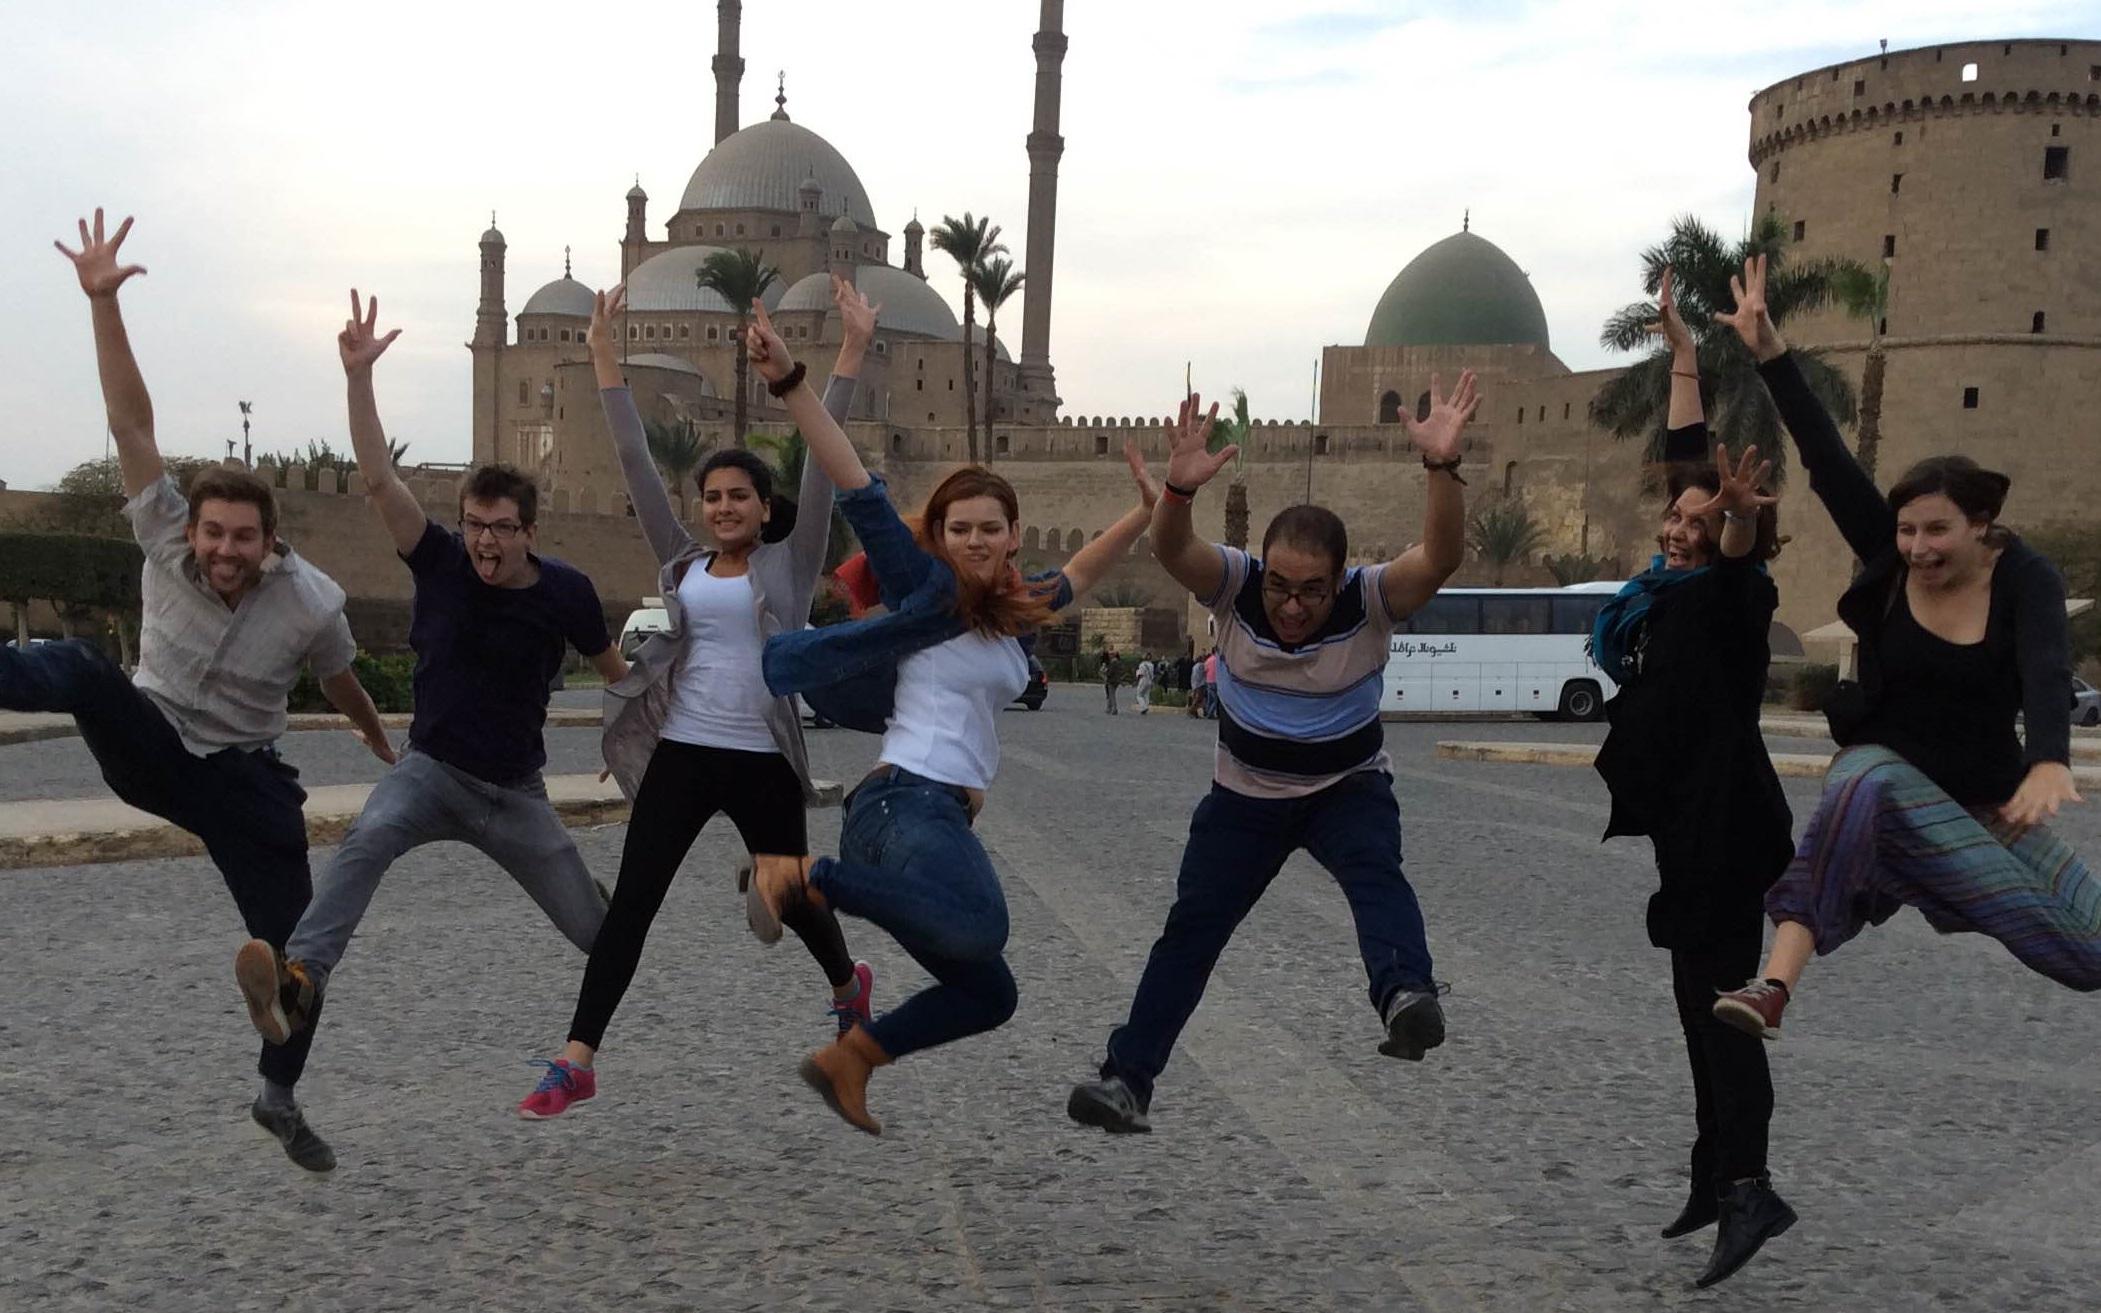 ReliXchange U2013 Der Deutsch ägyptische Jugendaustausch Für Interreligiösen  Dialog War Ein Großartiges Erlebnis, Das Noch Lange Gut In Erinnerung  Bleiben Wird.